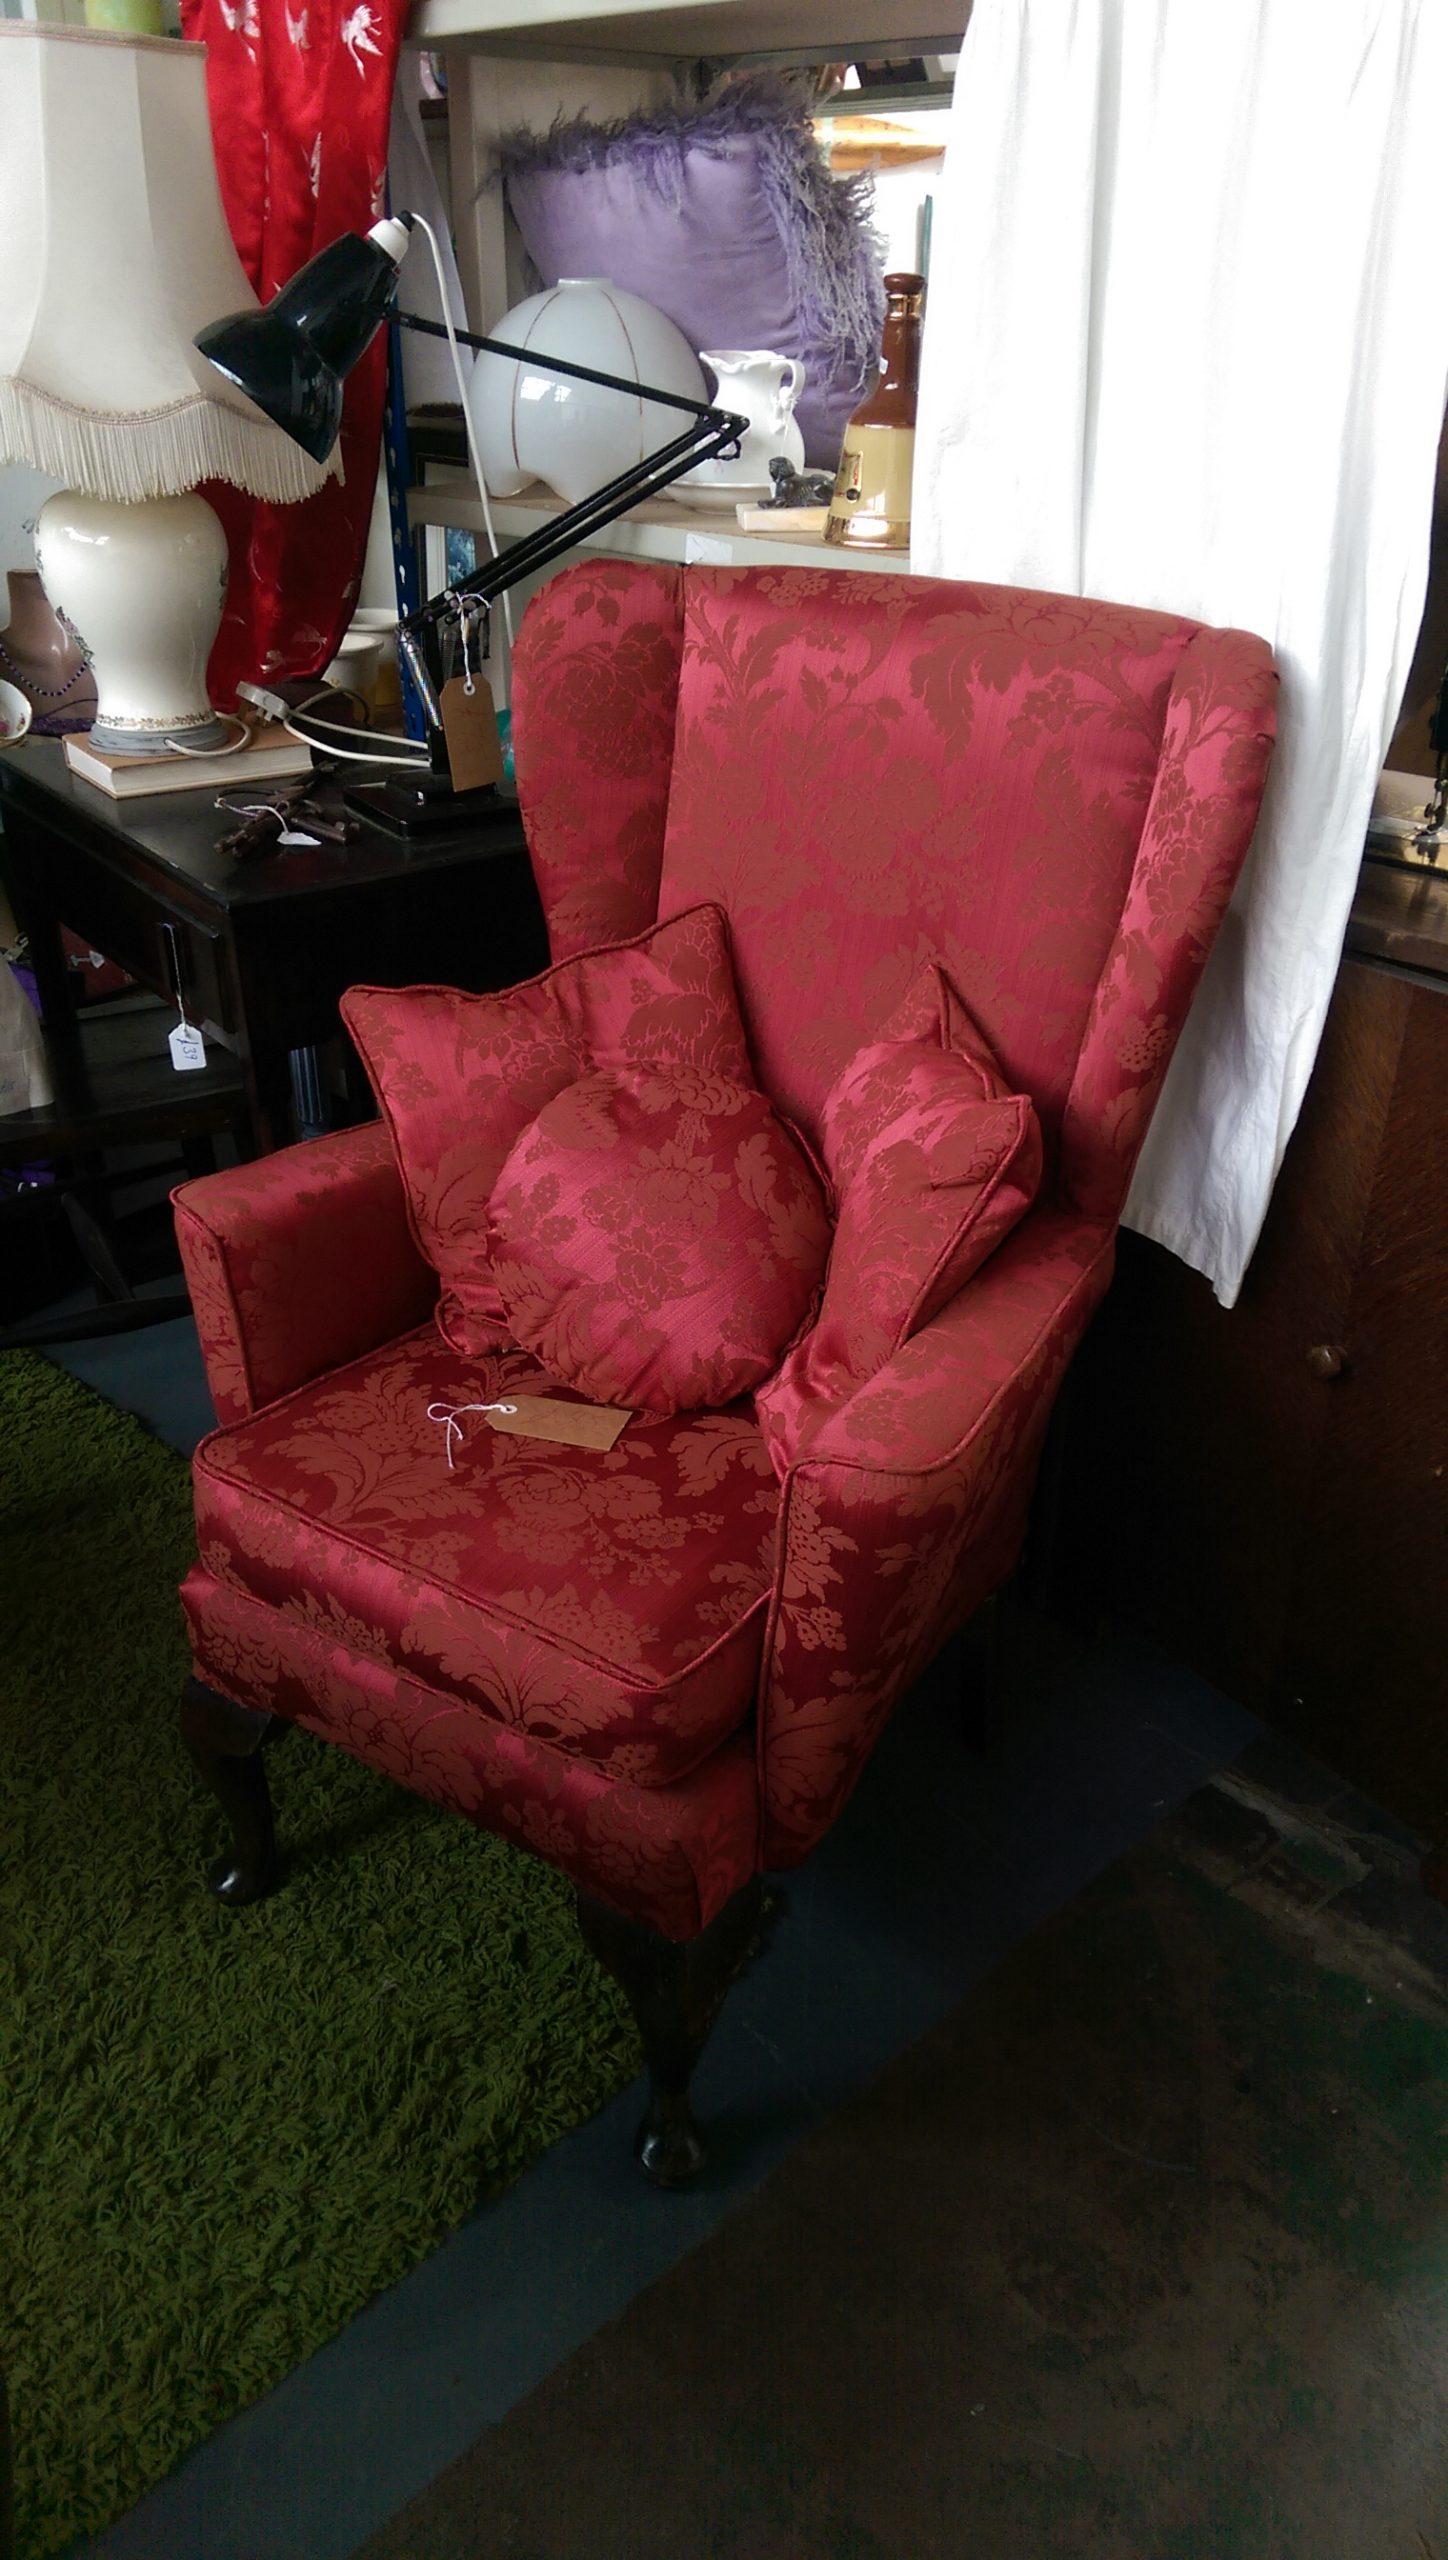 My beautiful chair